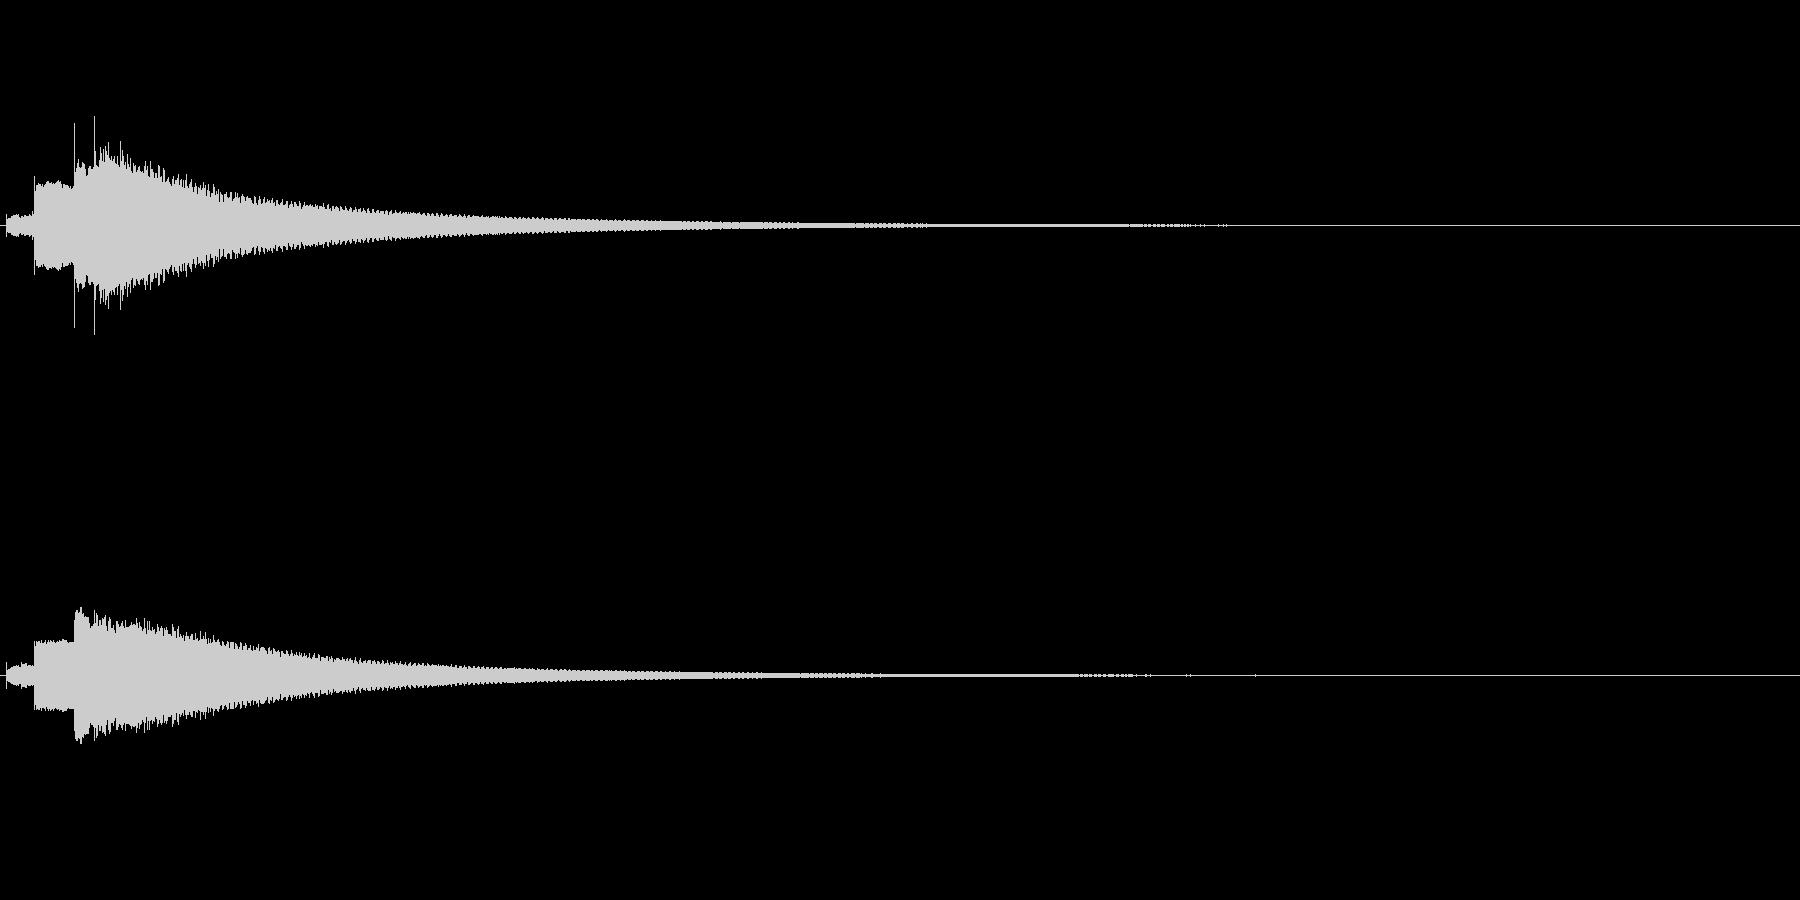 ひらめき・コインゲット・クリック・ボタンの未再生の波形